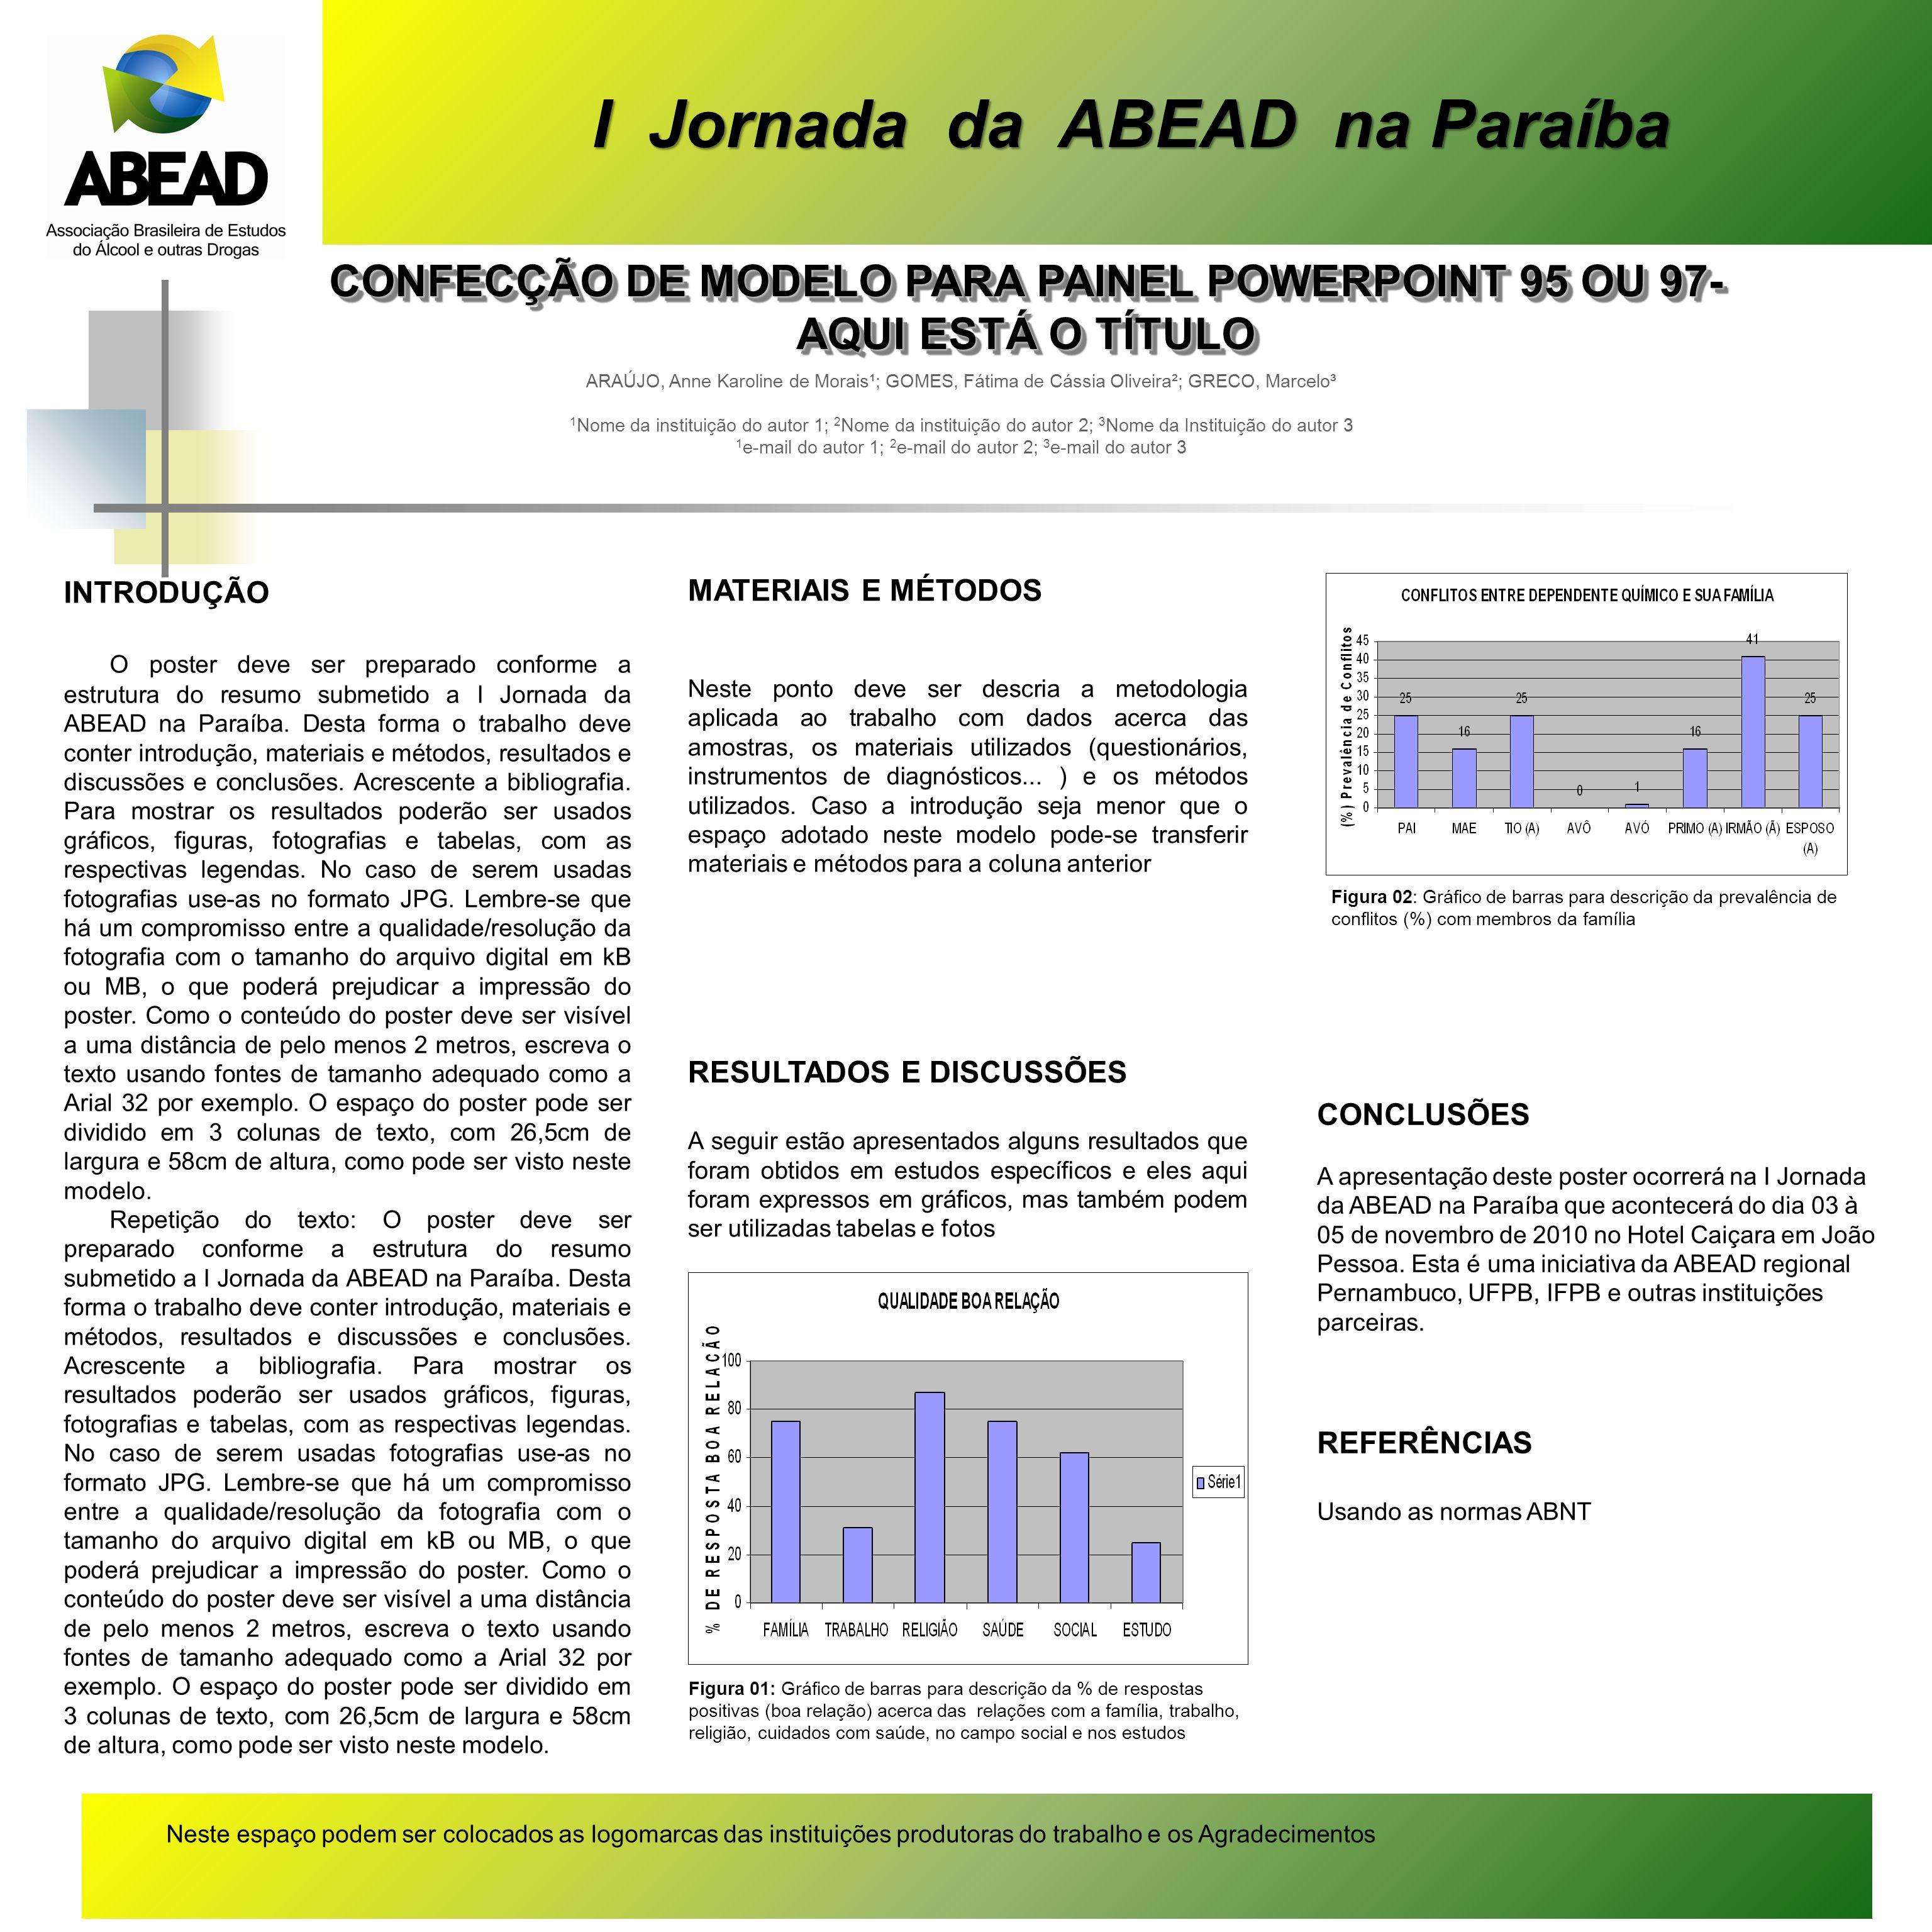 CONCLUSÕES A apresentação deste poster ocorrerá na I Jornada da ABEAD na Paraíba que acontecerá do dia 03 à 05 de novembro de 2010 no Hotel Caiçara em